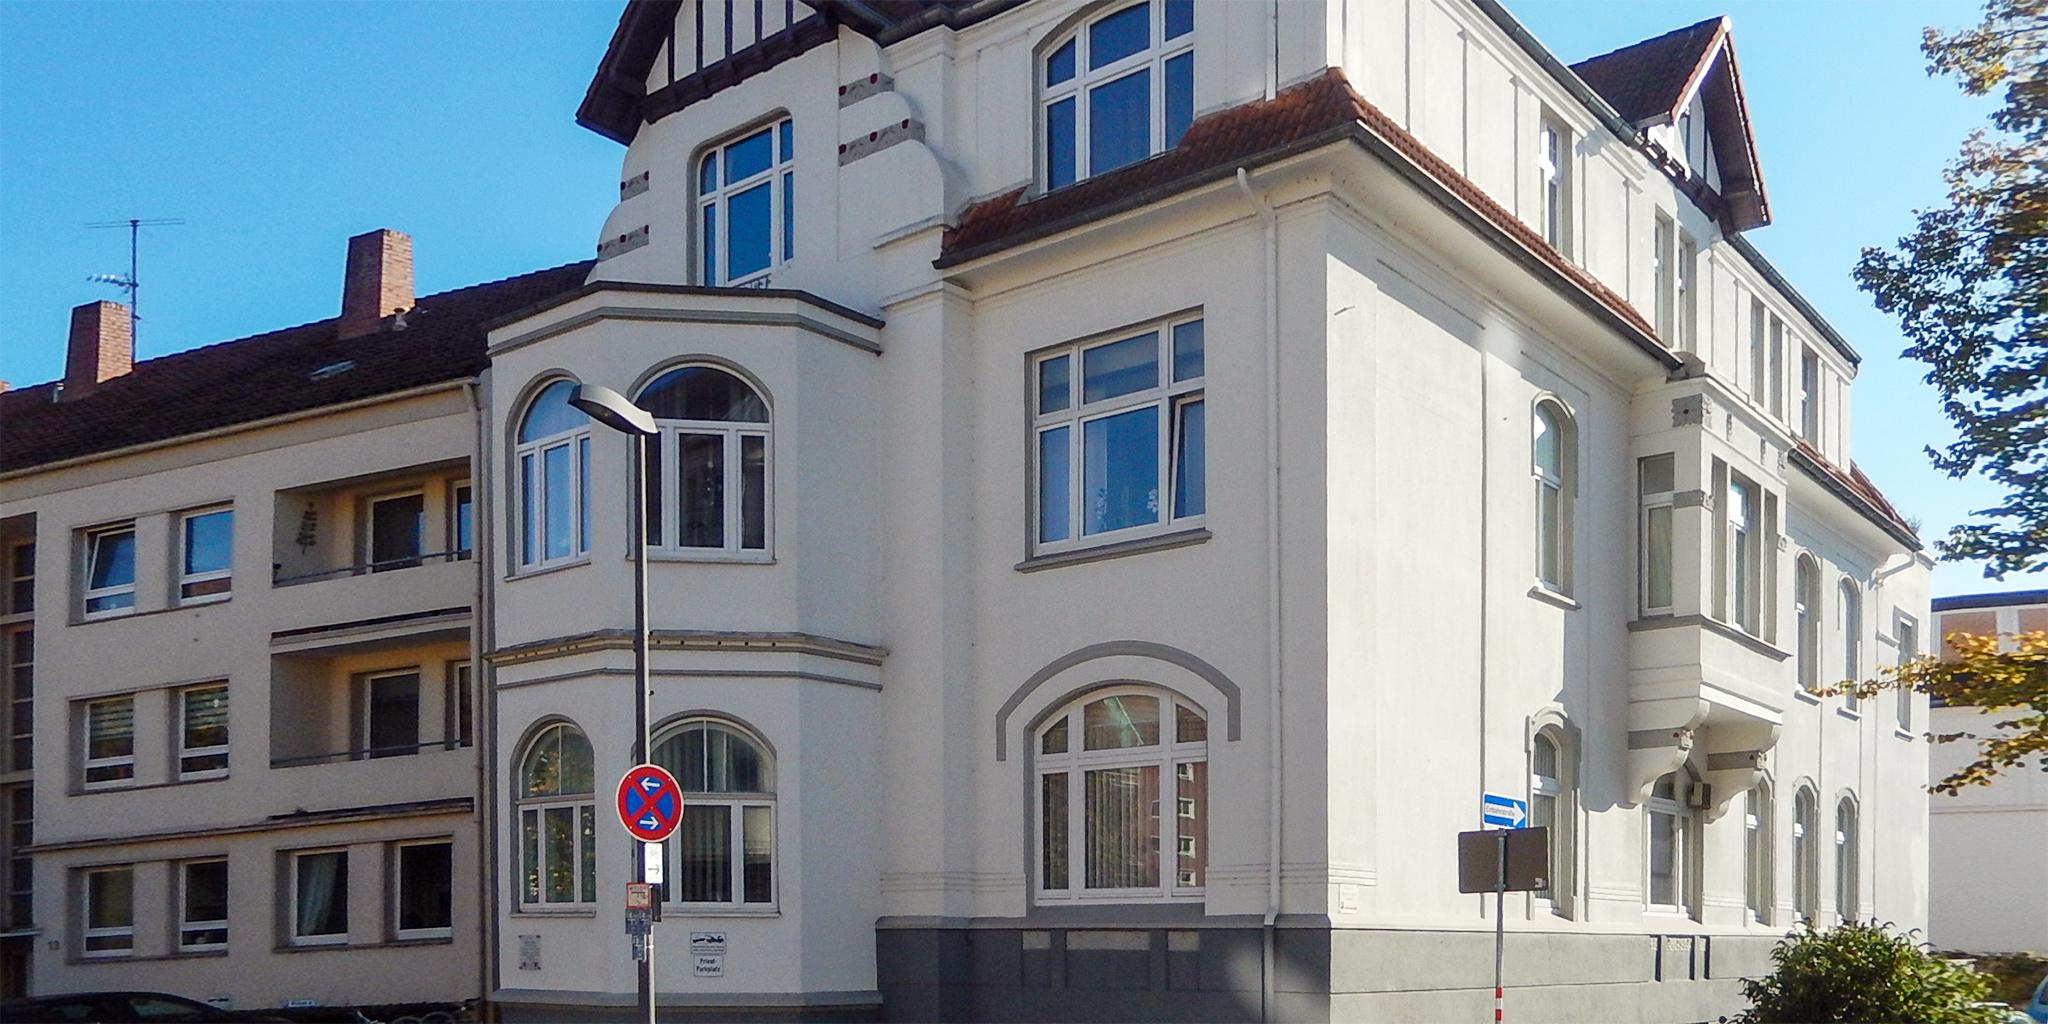 Außenansicht der Zahnarztpraxis Dr. Lettow in der Lotter Straße